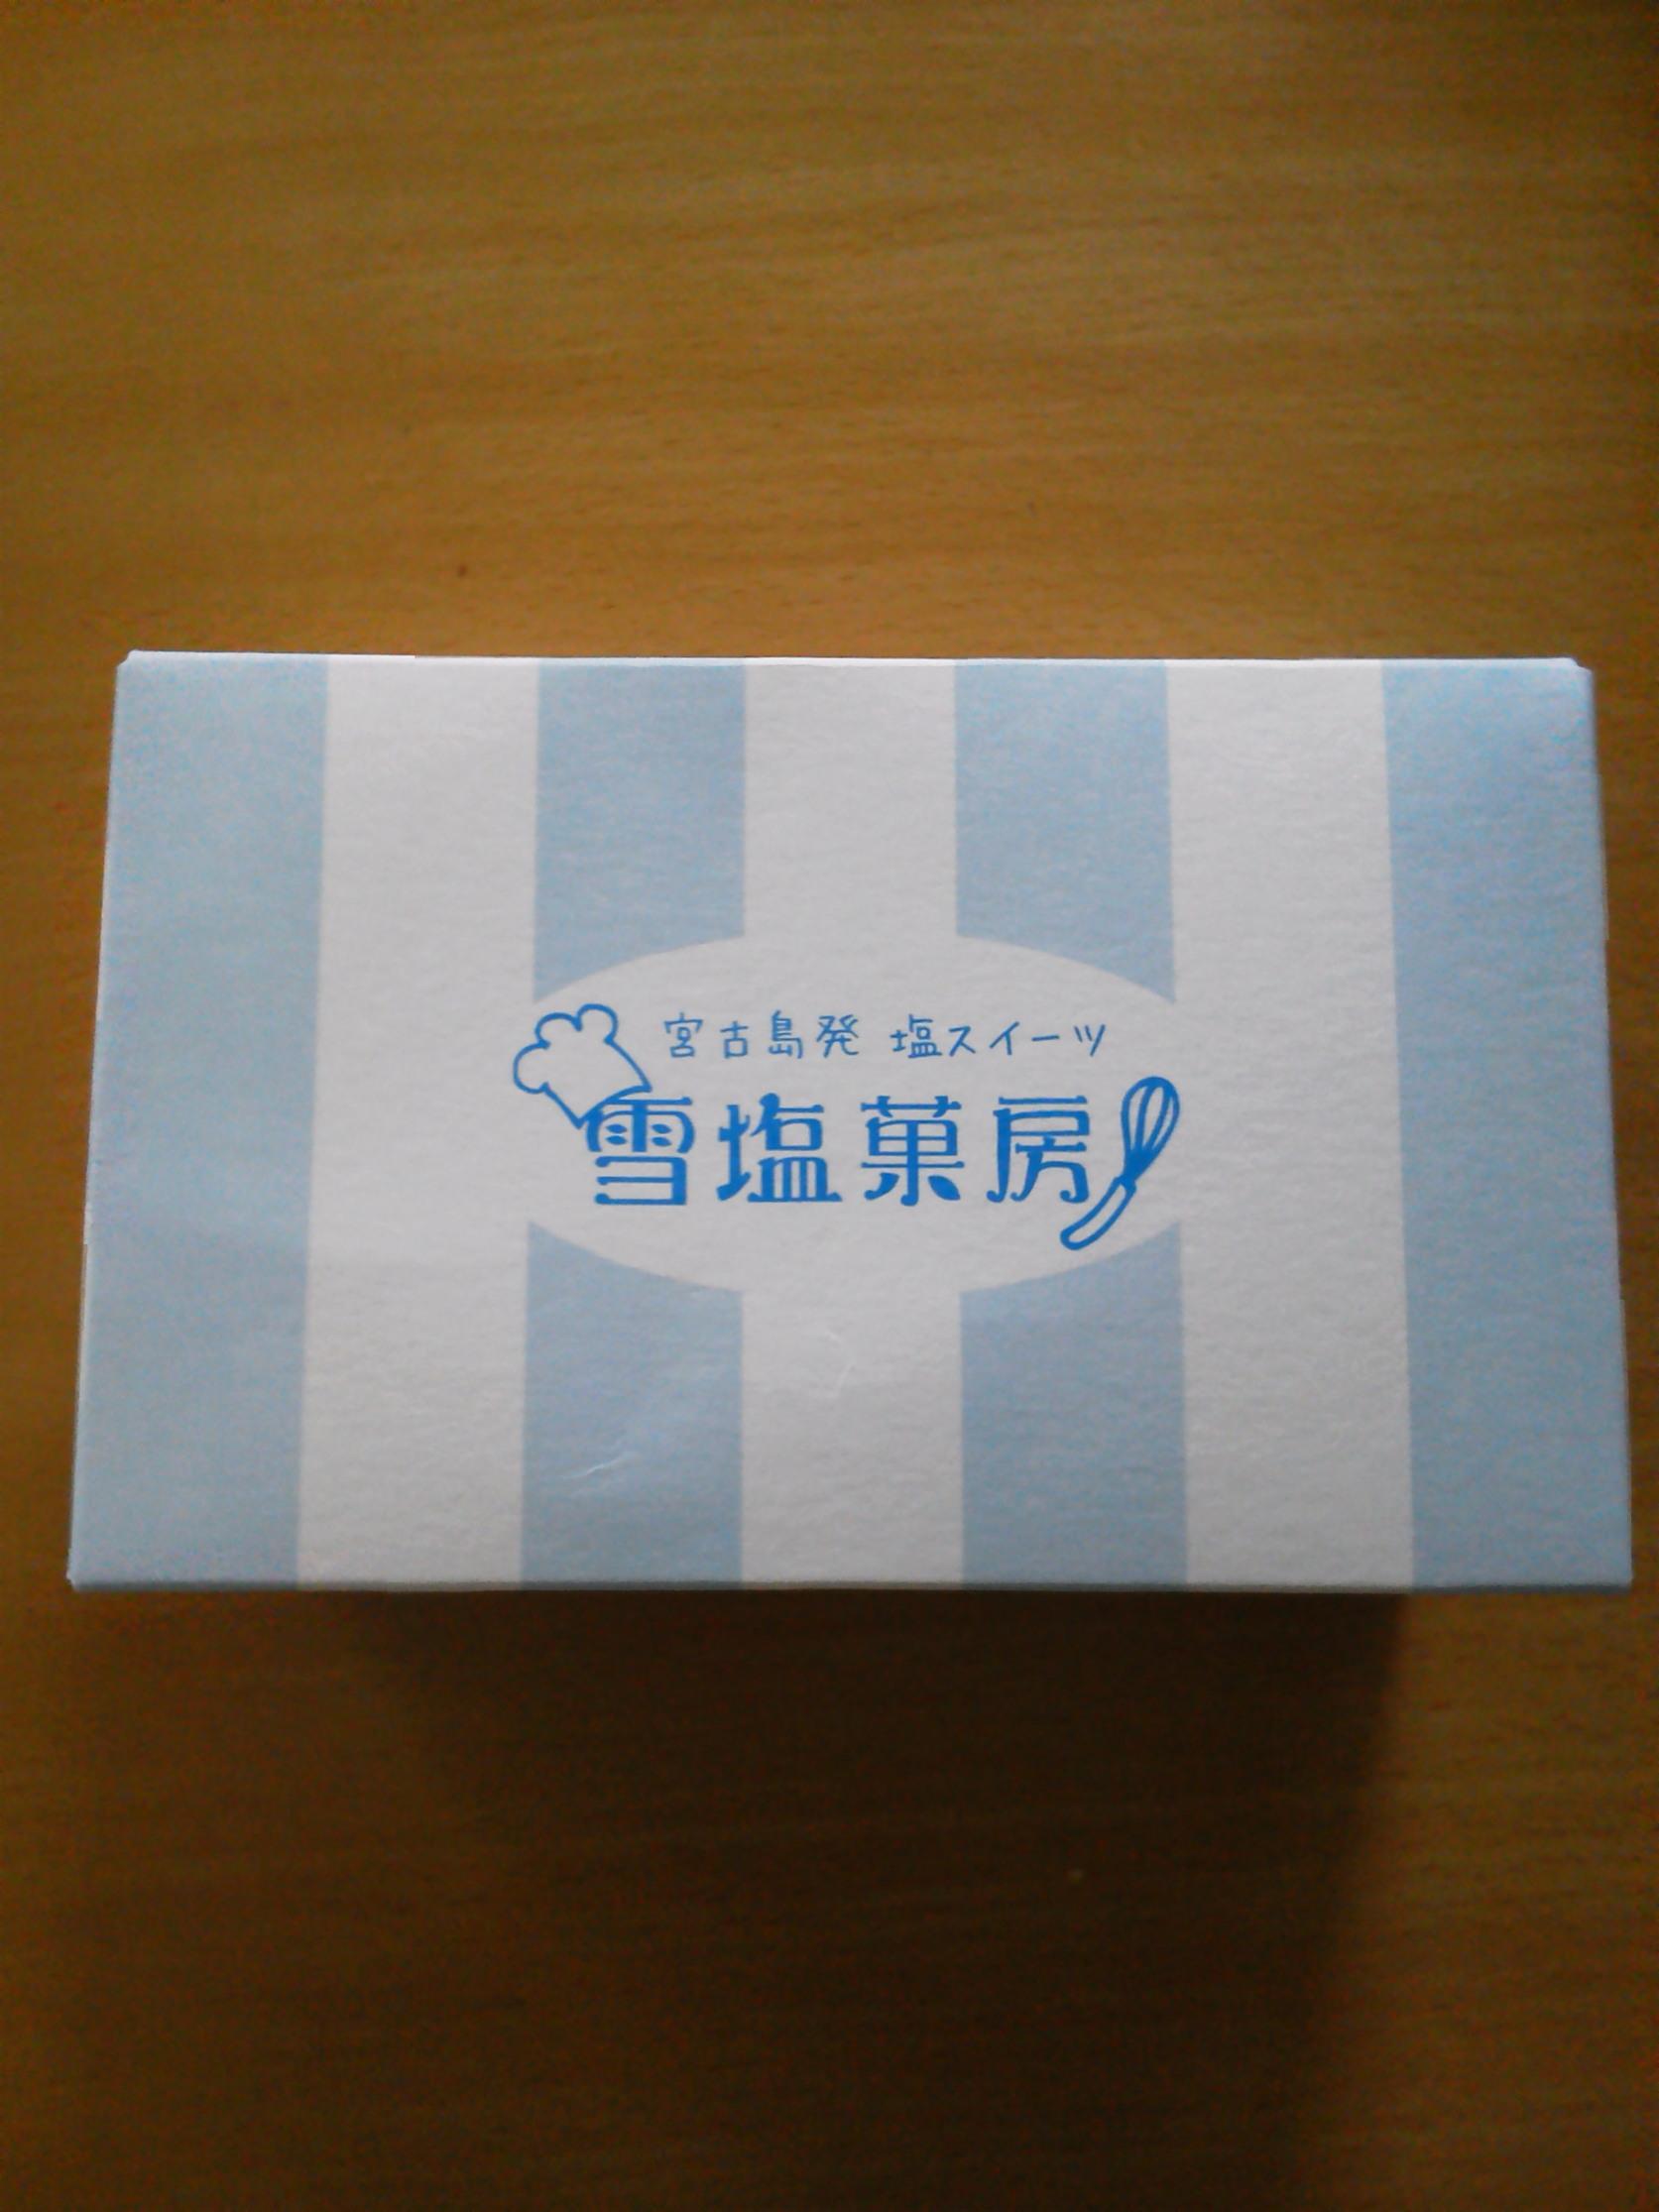 雪塩菓房 宮古空港店